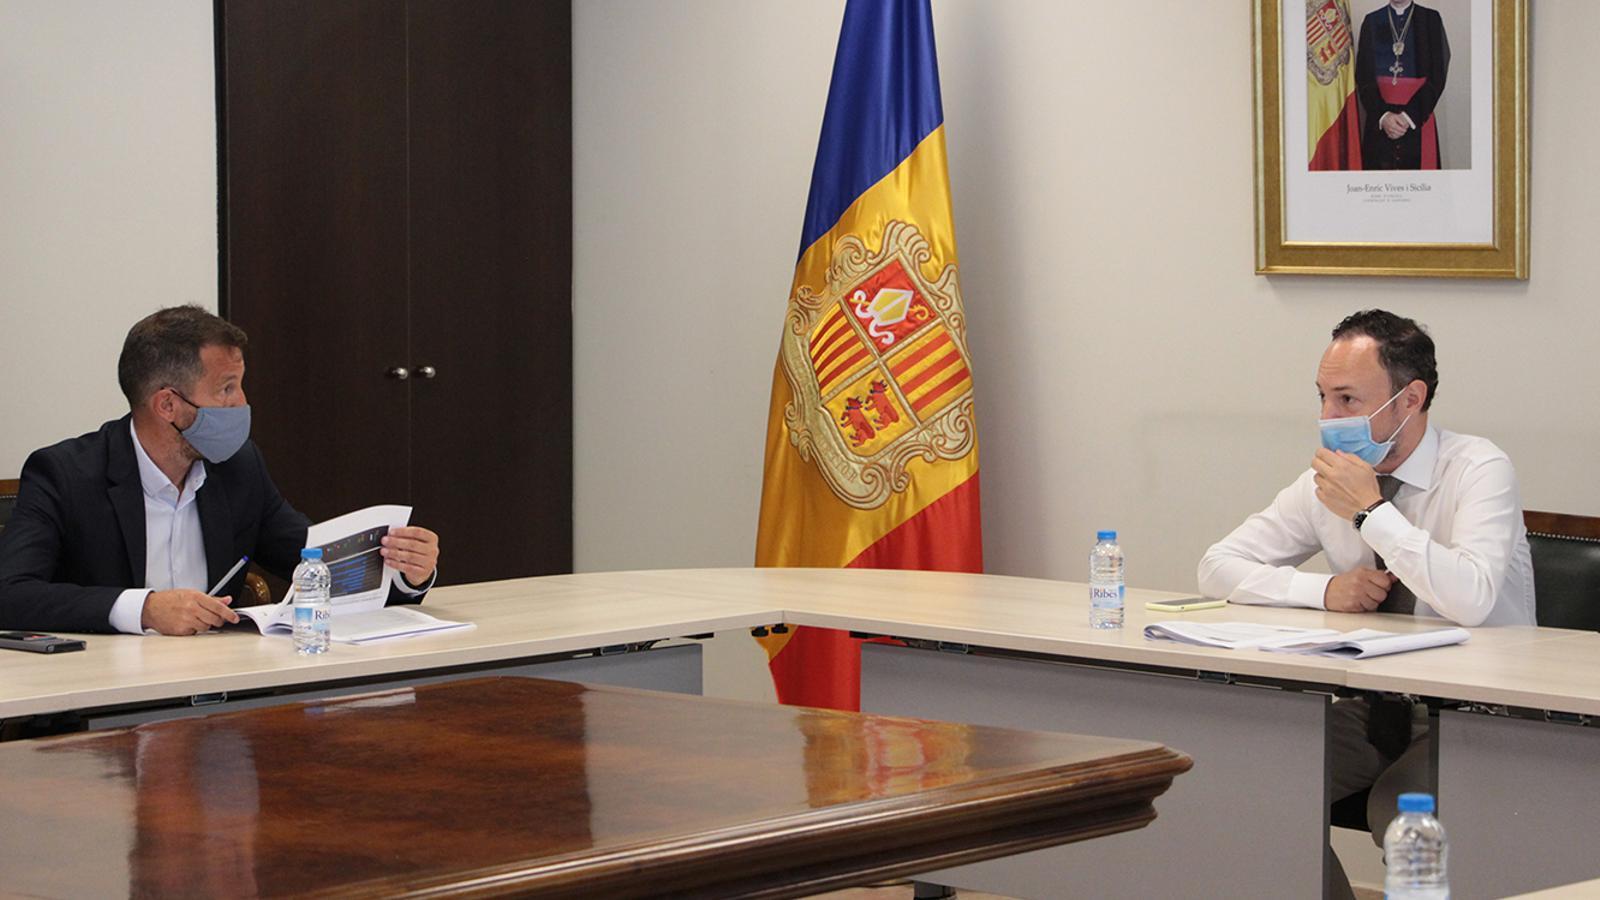 El president del grup parlamentari socialdemòcrata, Pere López, i el cap de Govern, Xavier Espot, durant la reunió